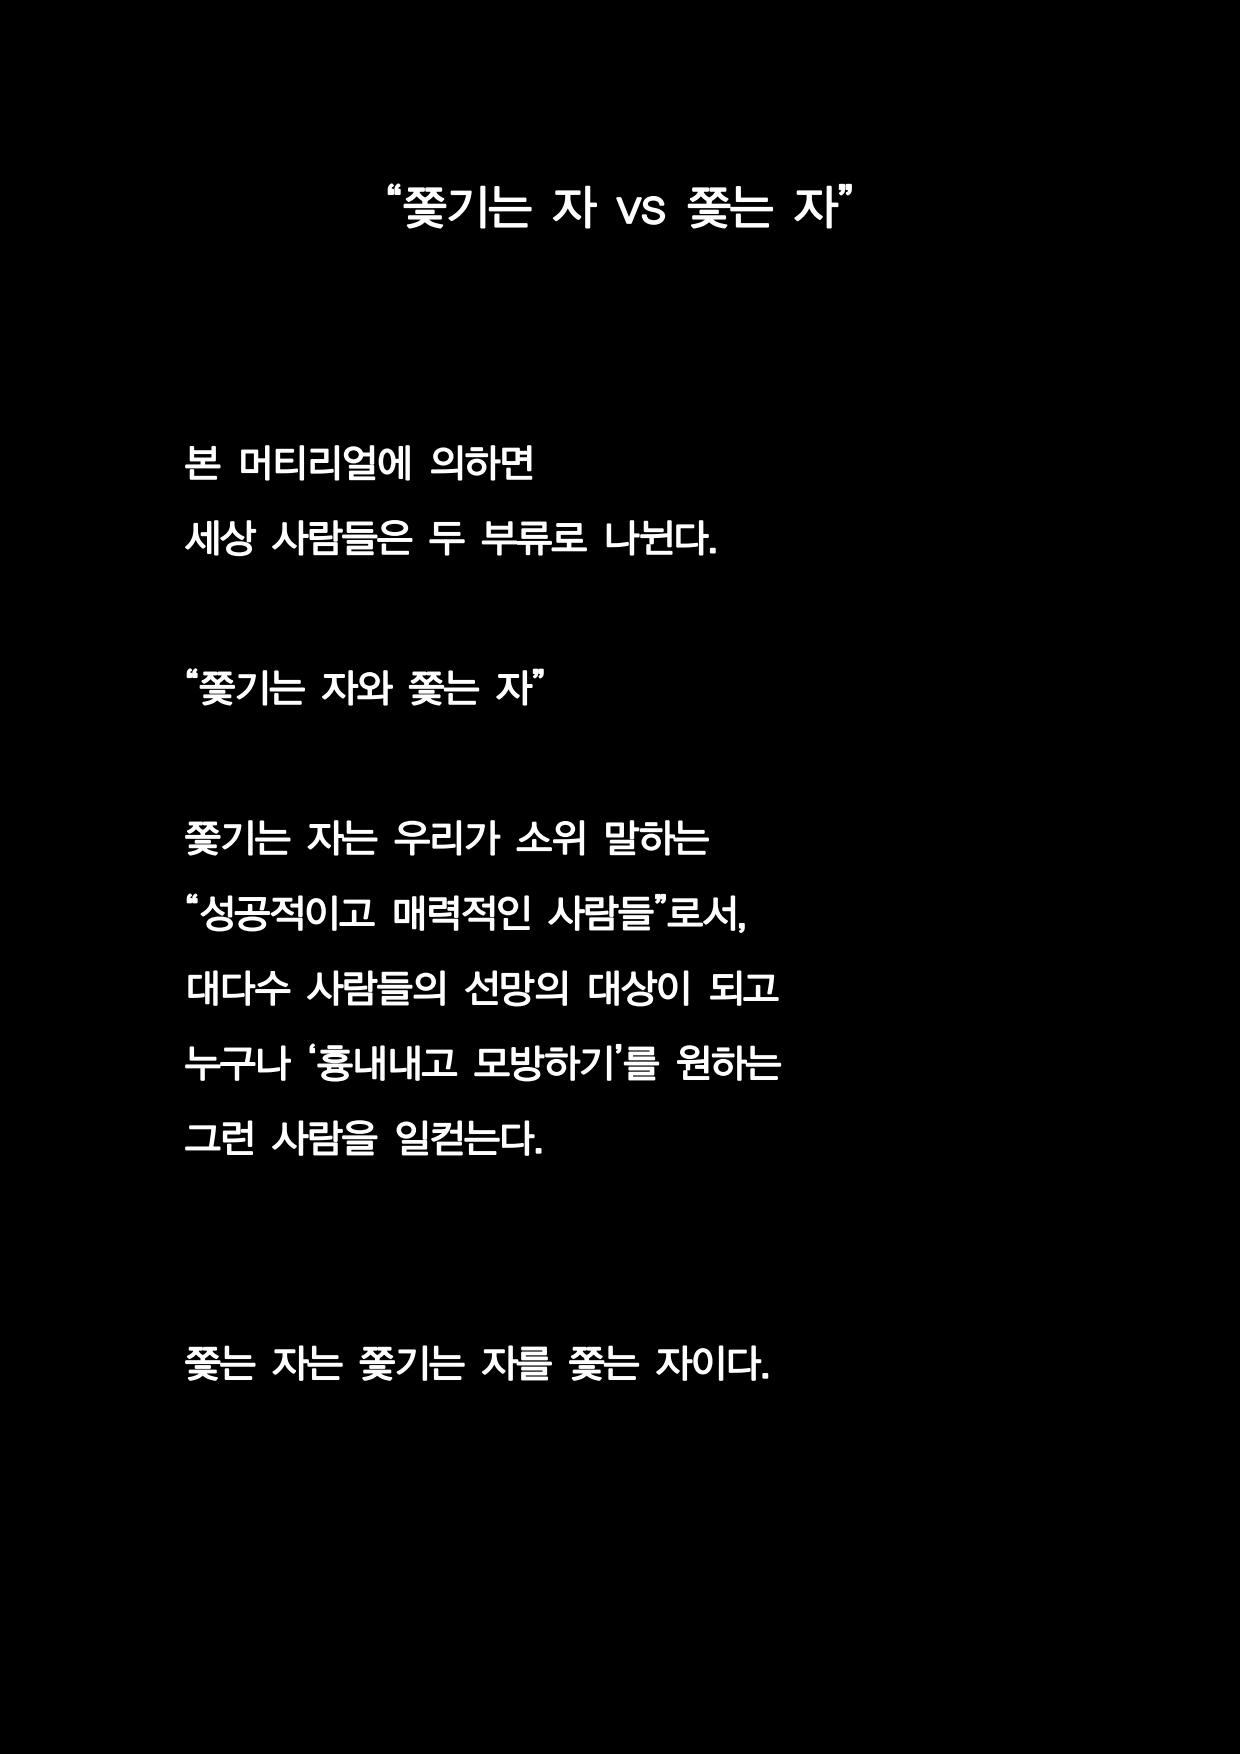 본 머티리어 1회차 홍보글 v3(수강후기 따로 편집요함)_10.png